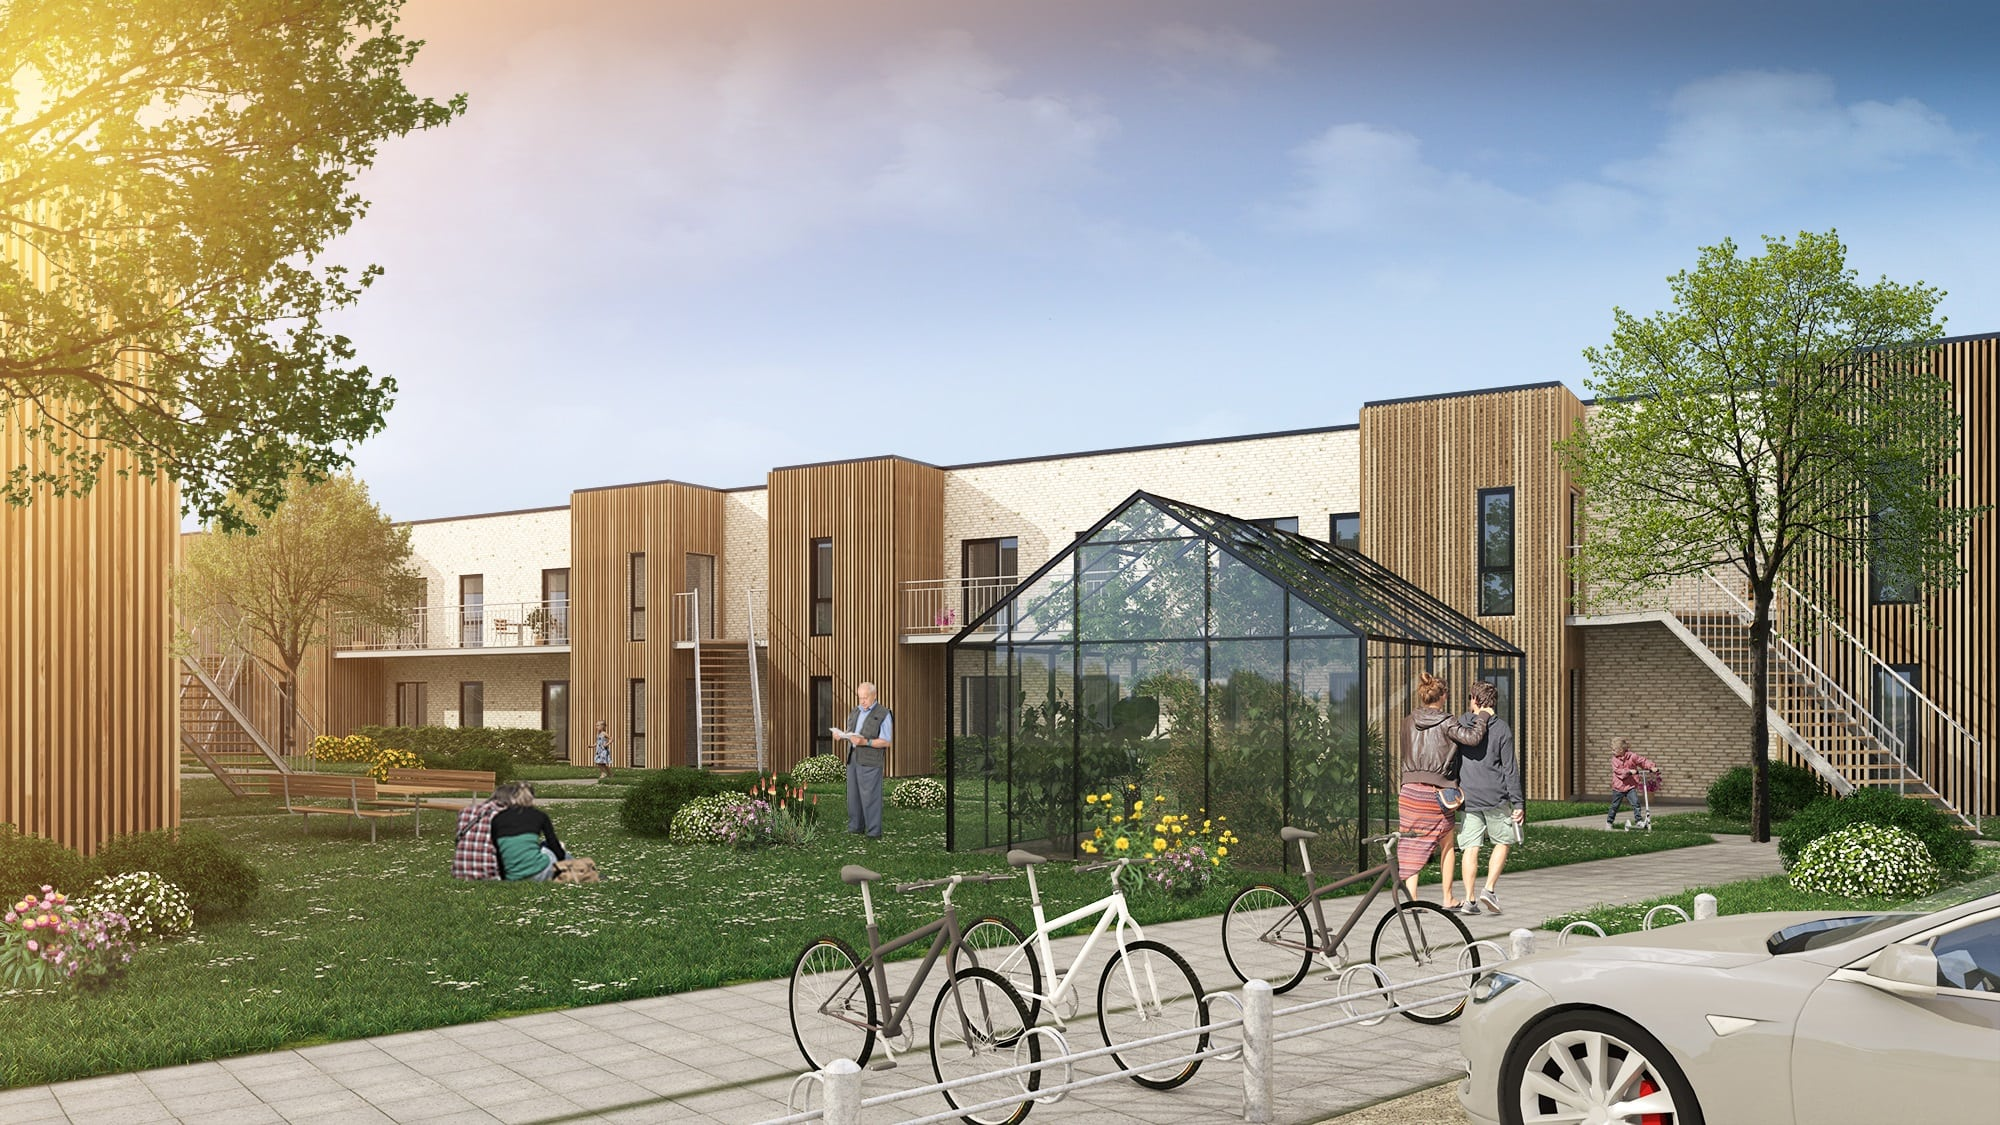 Nyt og eftertragtet boligområde i Fredericia klar til udlejning